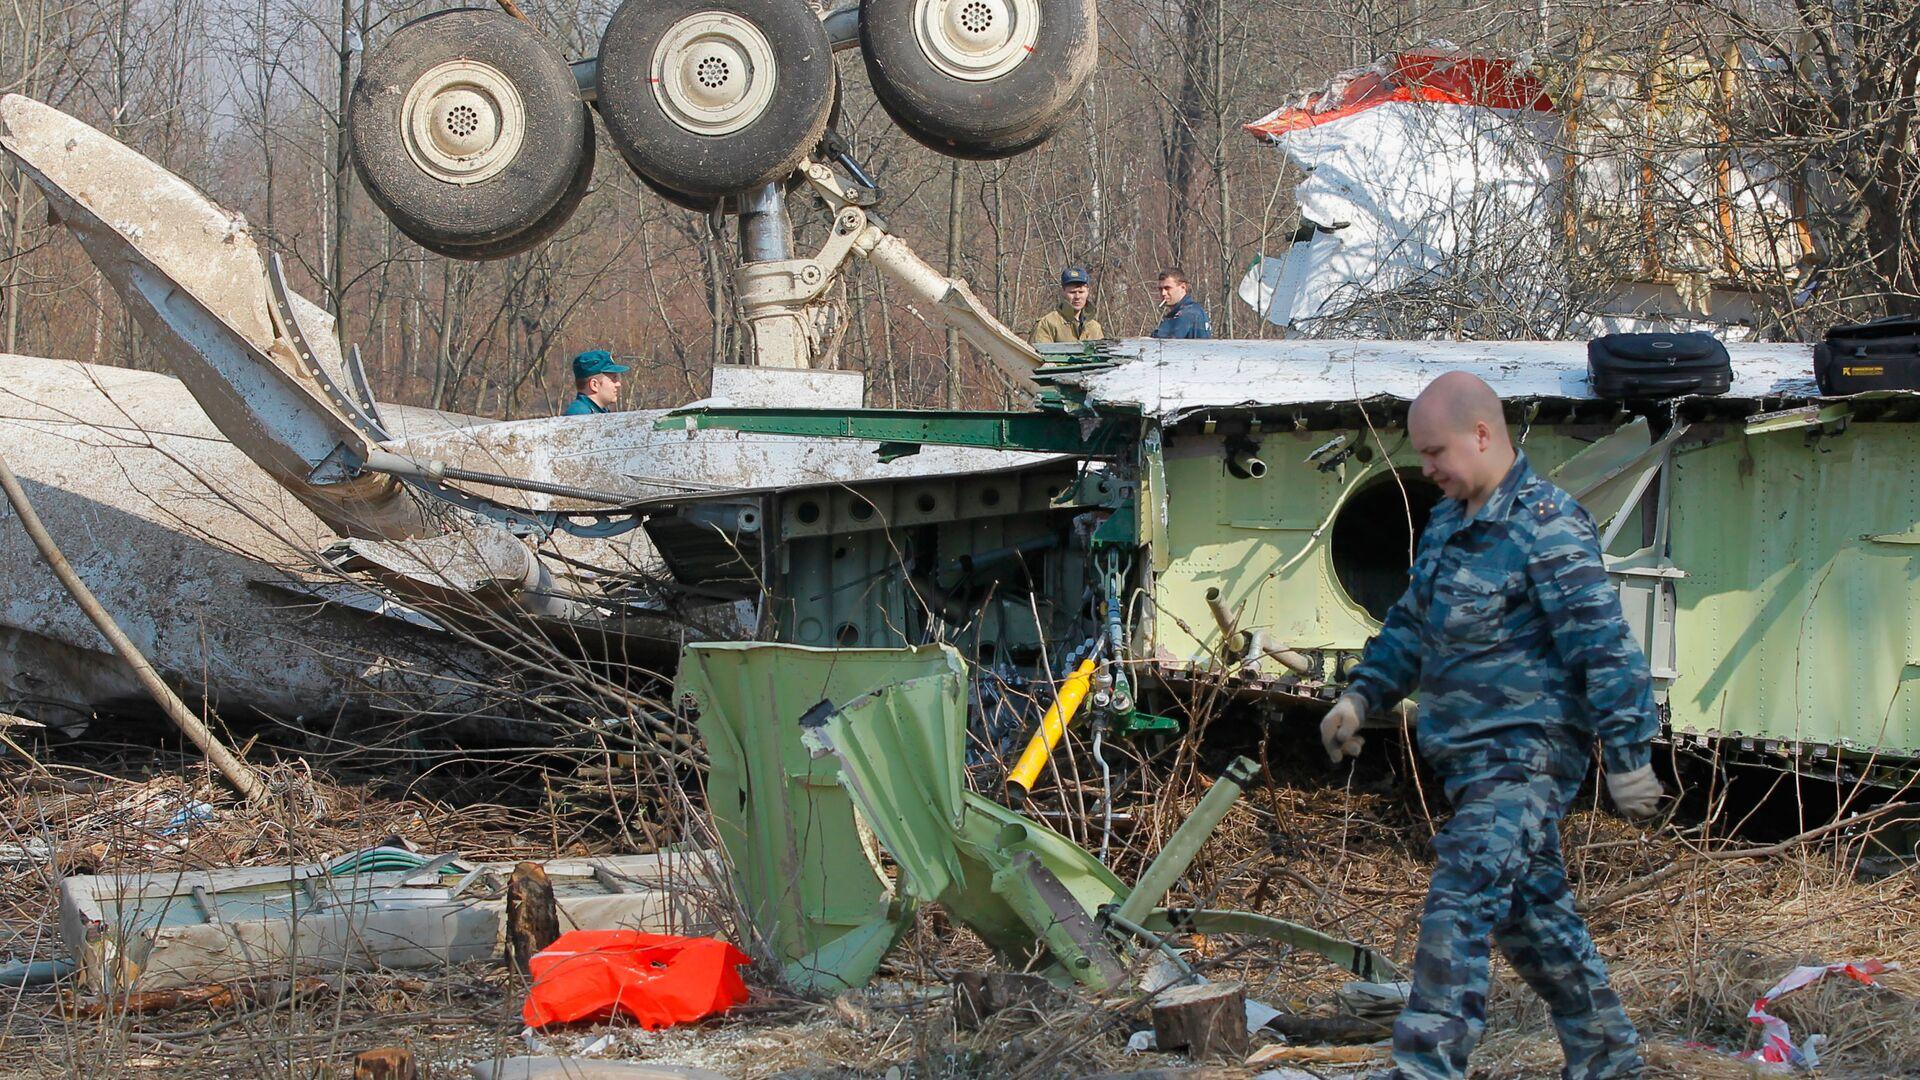 Służby ratownicze kontynuują prace na miejscu katastrofy polskiego samolotu rządowego Tu-154 pod Smoleńskiem - Sputnik Polska, 1920, 07.09.2021